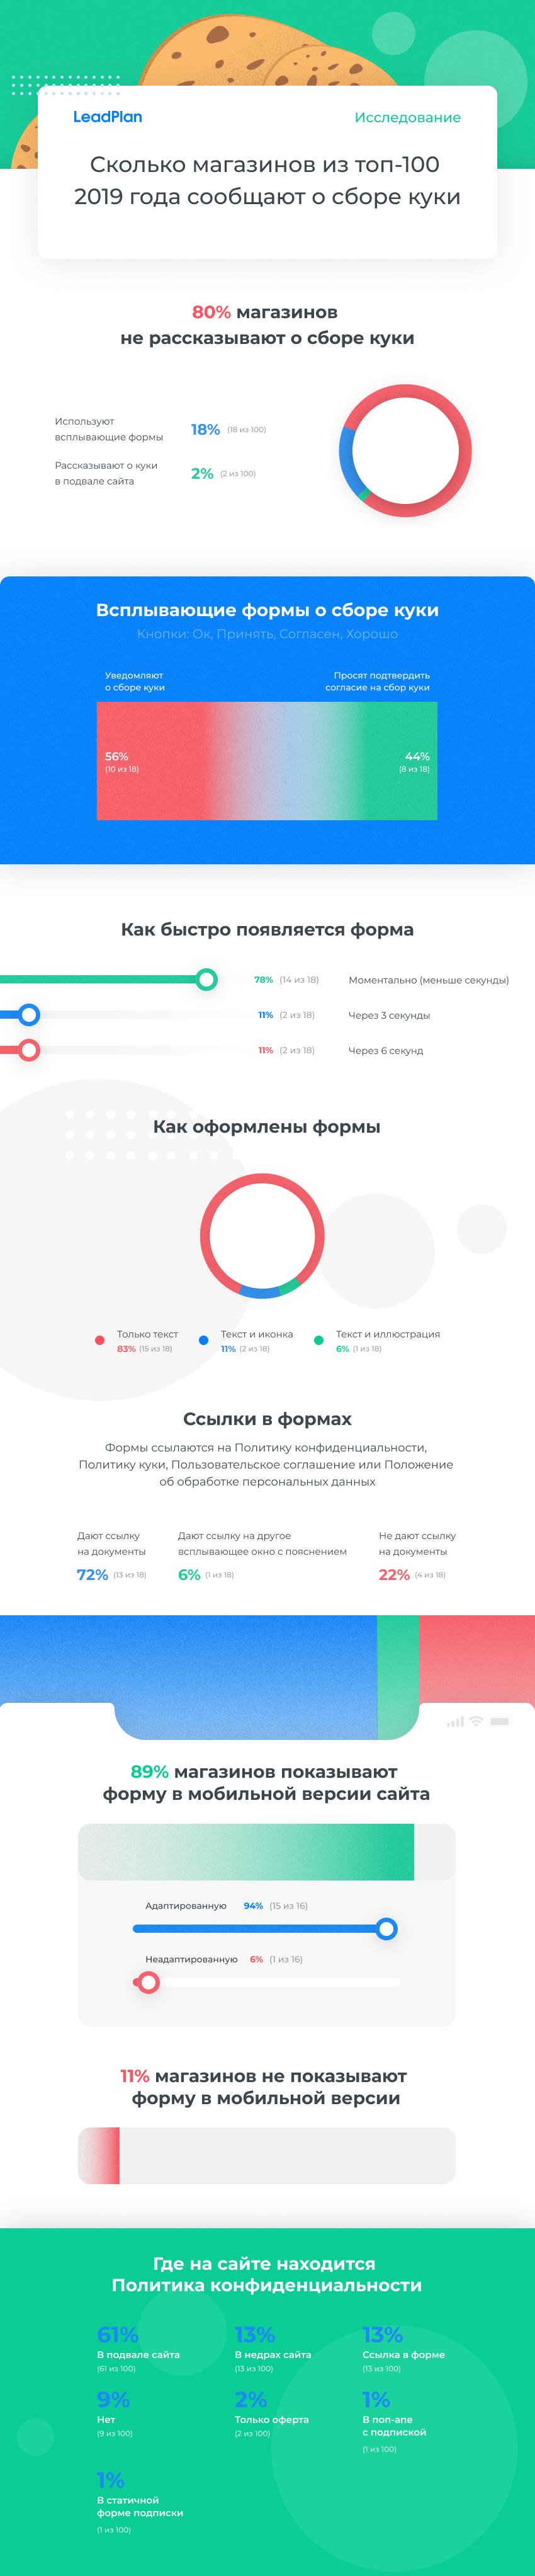 Исследование о куки, инфографика_4